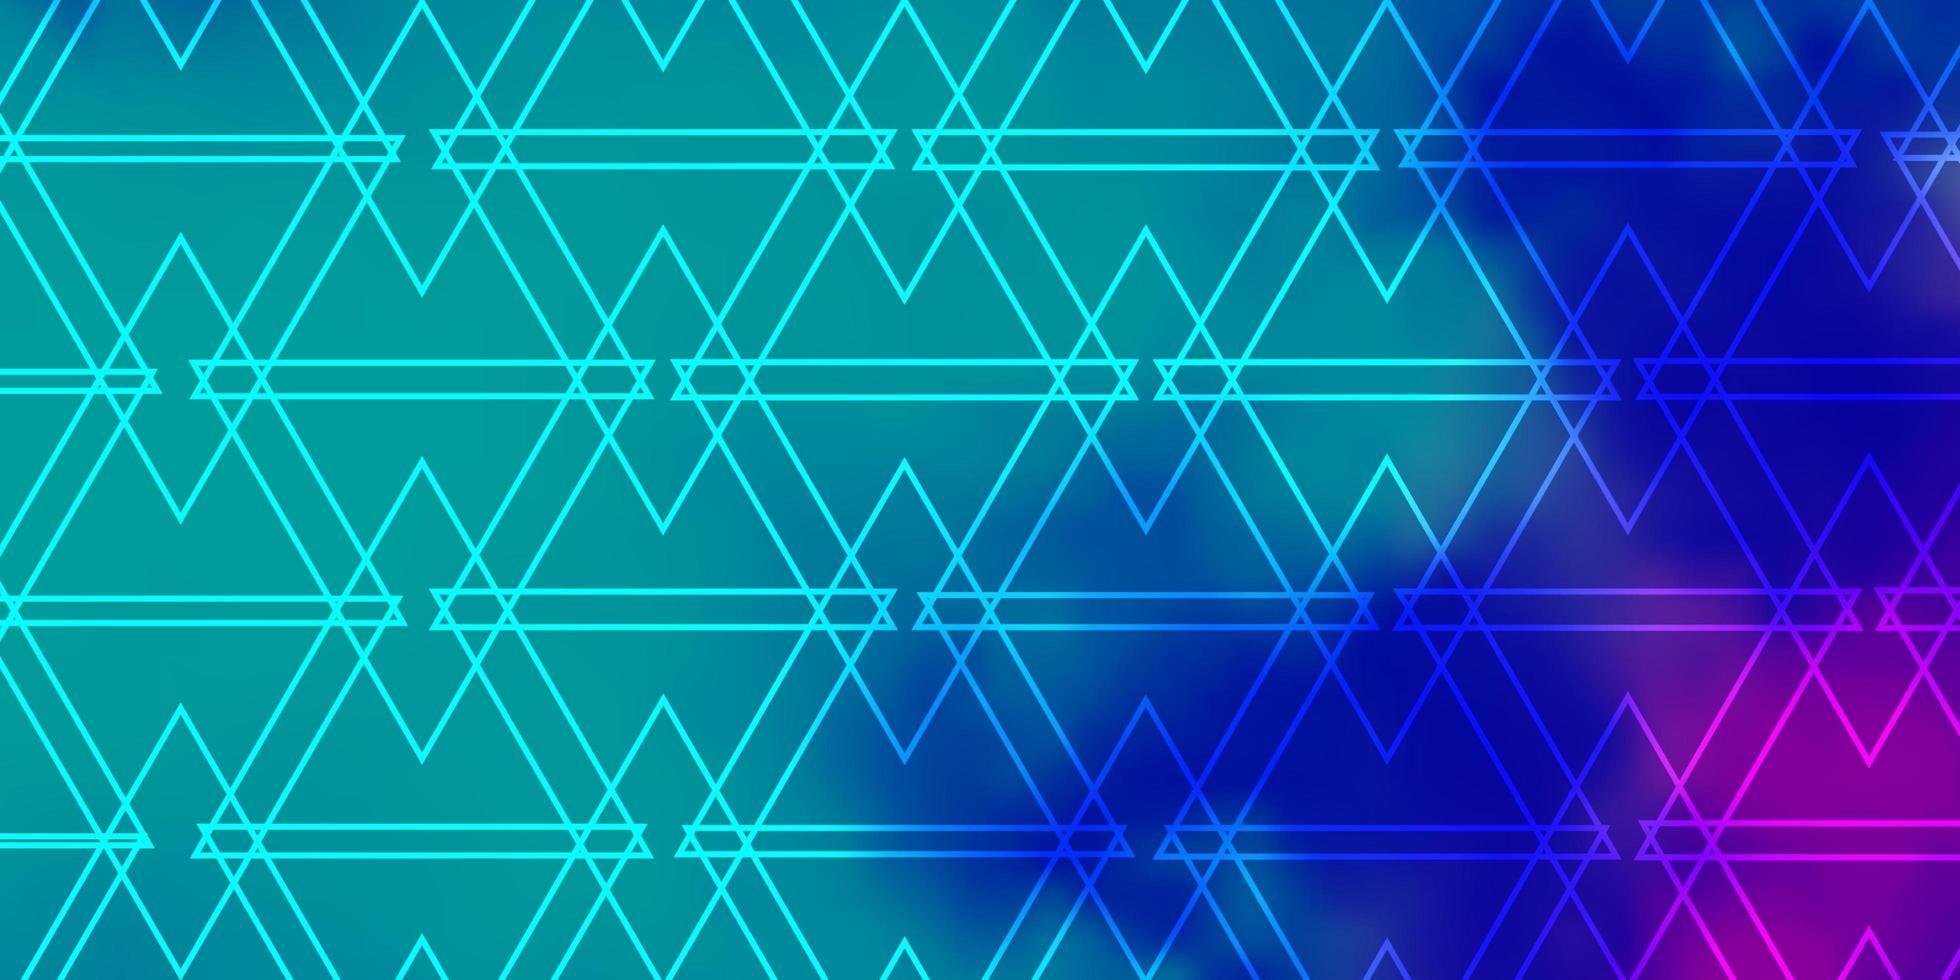 grön, rosa och blå mall med trianglar. vektor